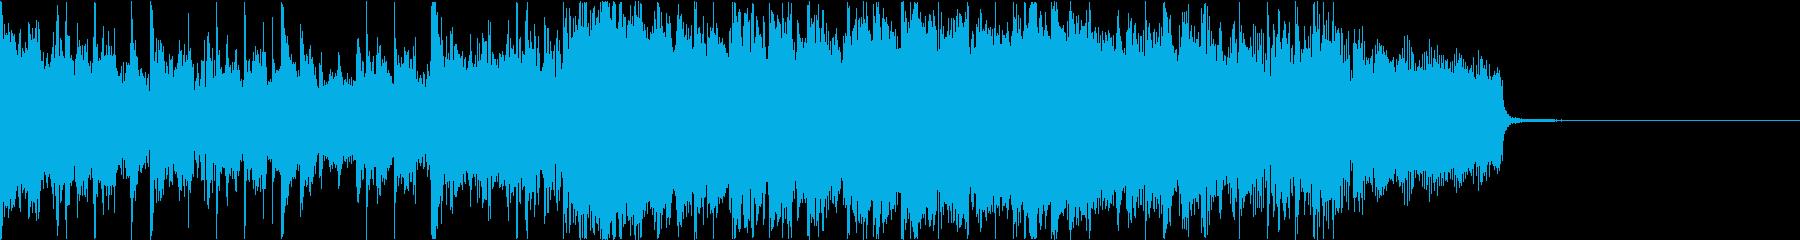 バンドサウンドが爽やかなポップインストの再生済みの波形